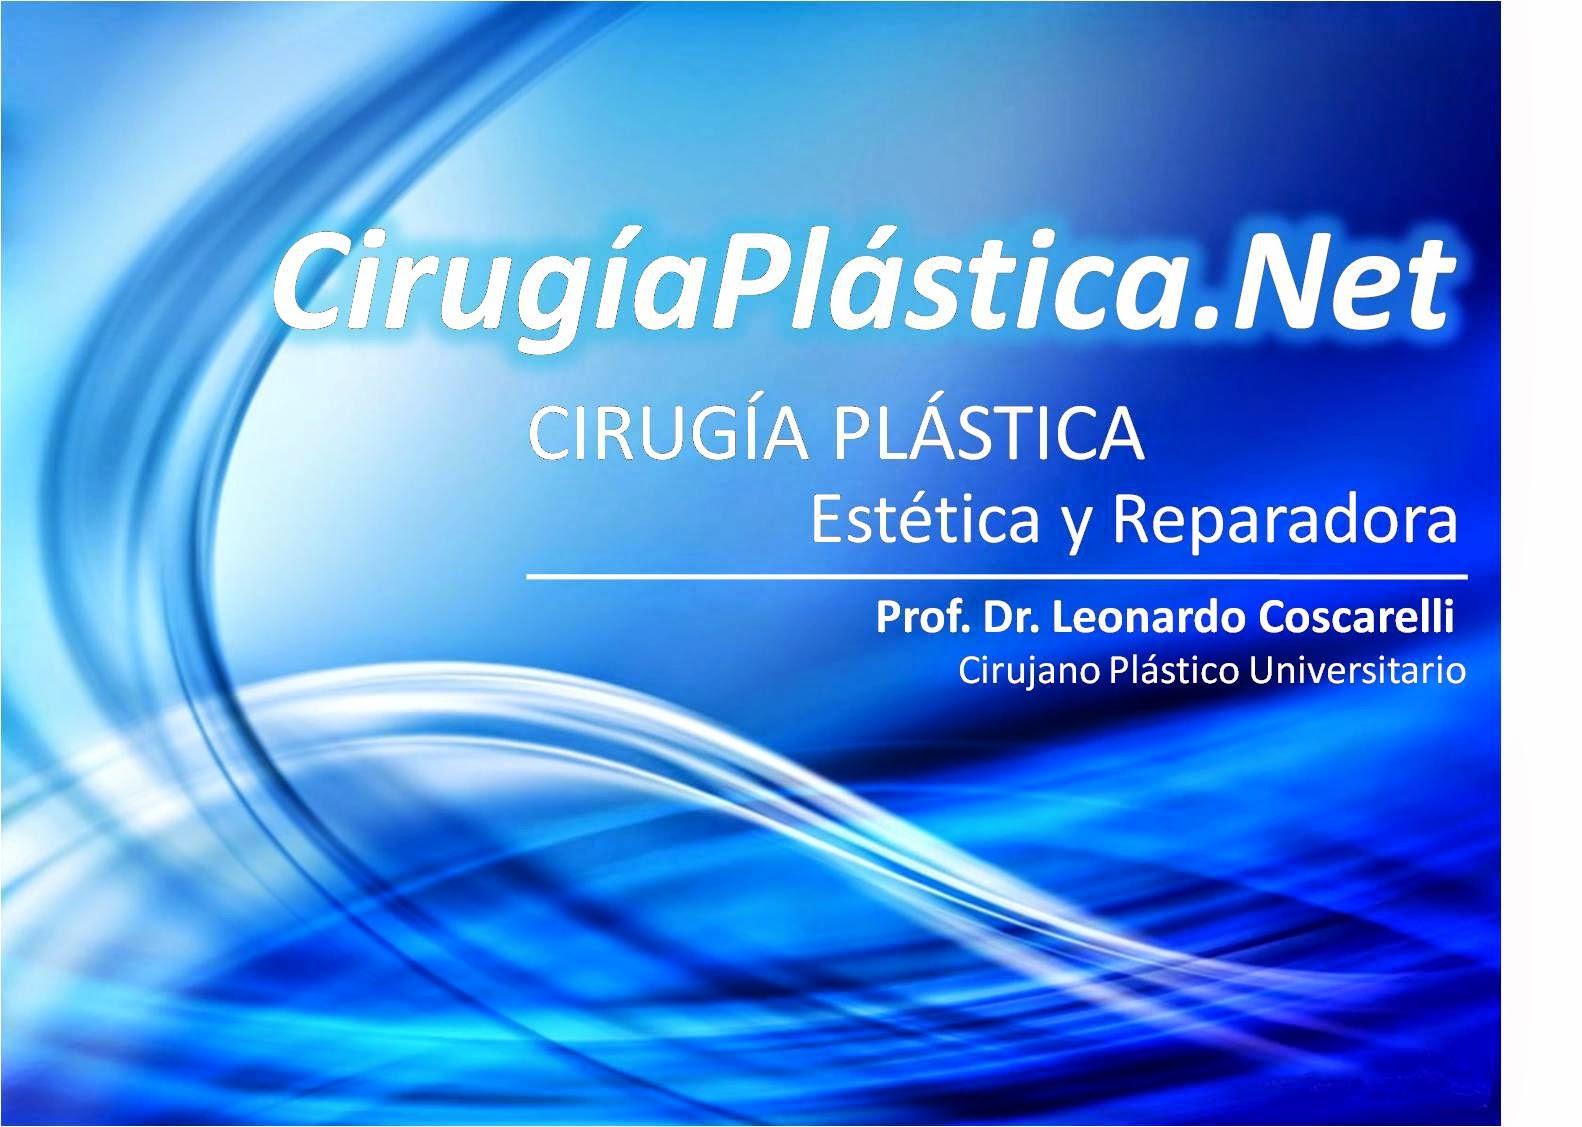 CirugíaPlástica.Net